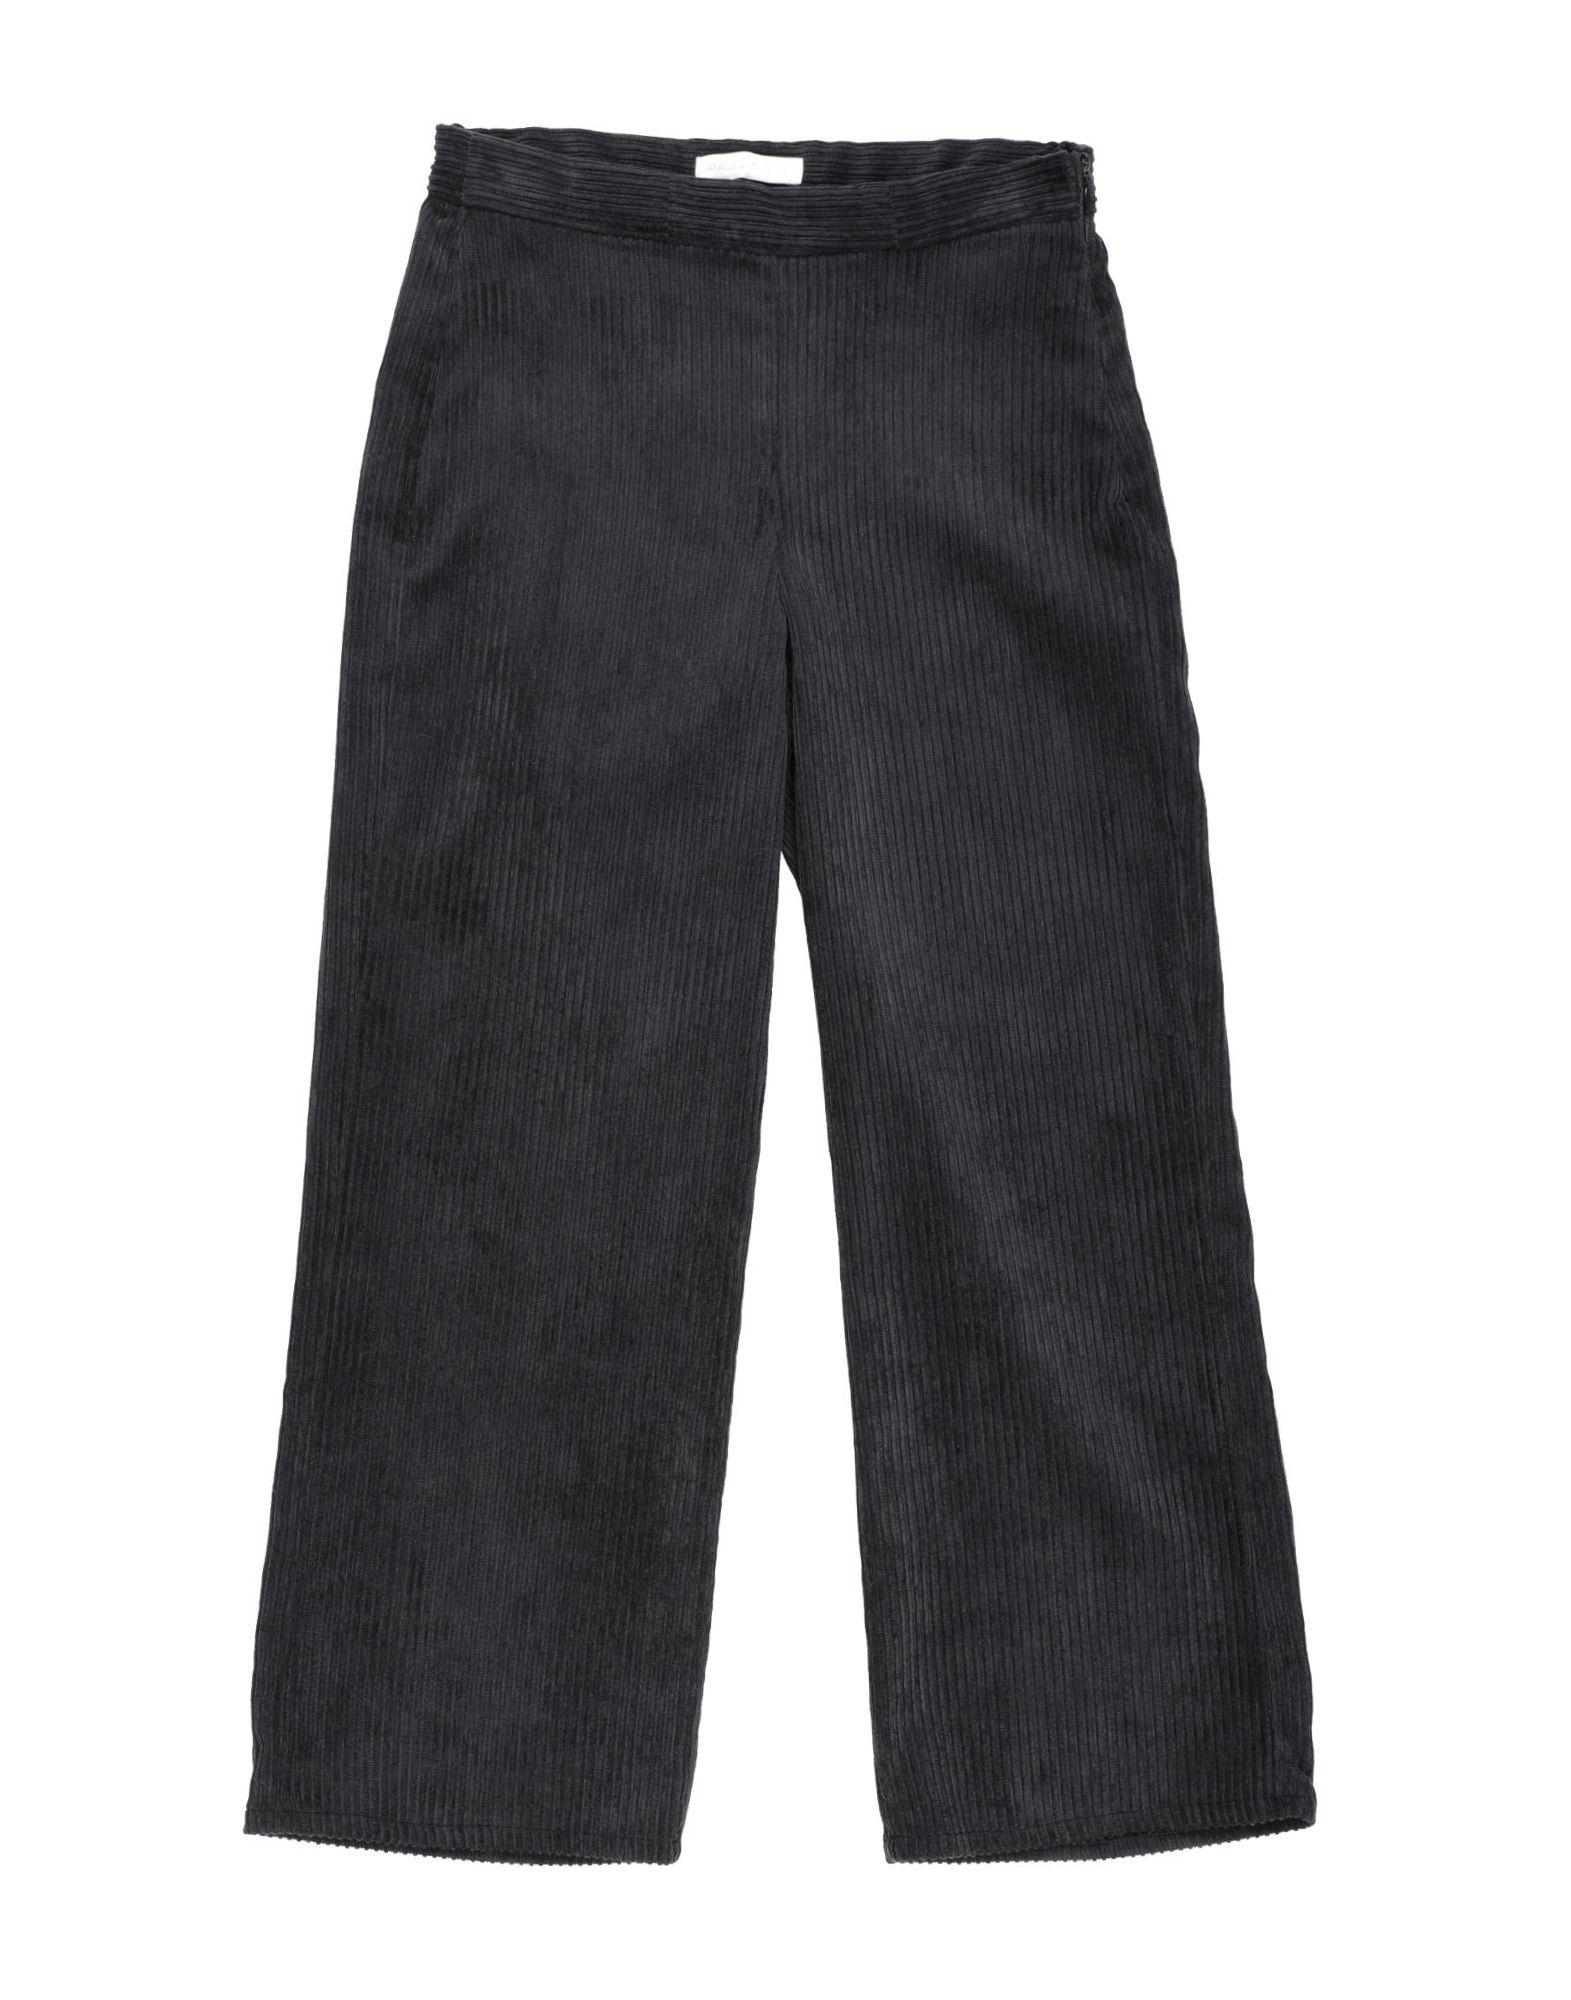 Pauline B. Kids' Casual Pants In Steel Grey